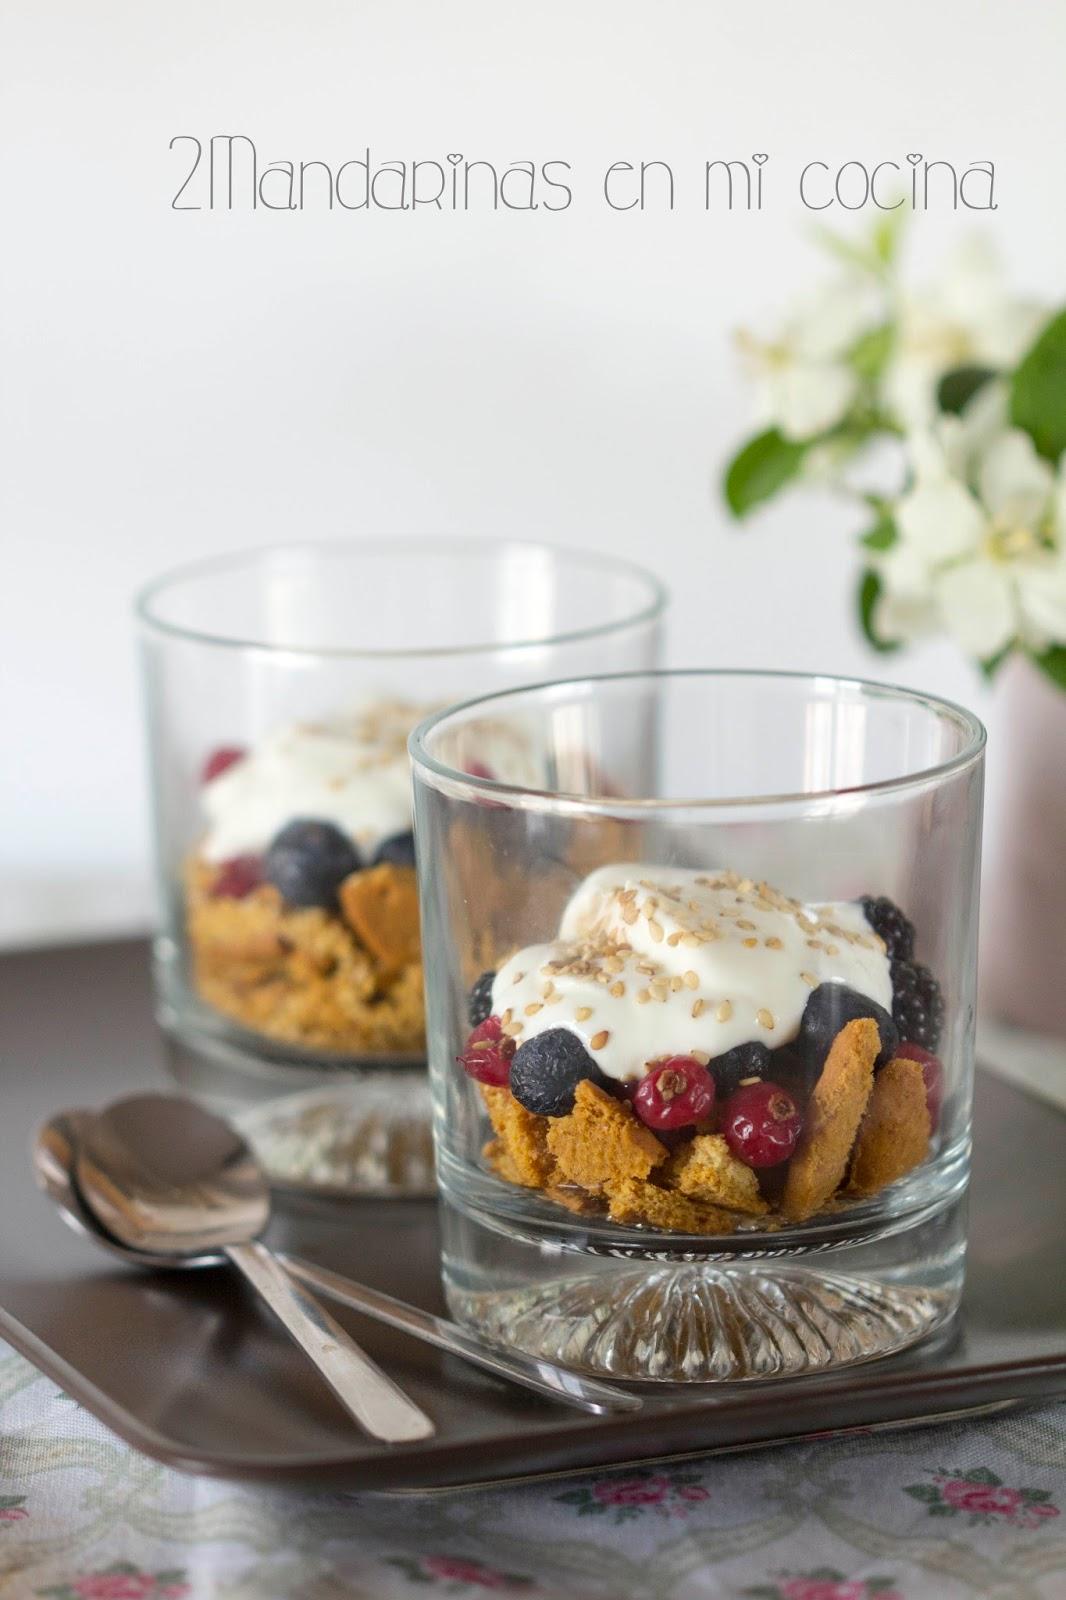 Desayuno perfecto. Galletas digestive con frutas del bosque y yogur griego